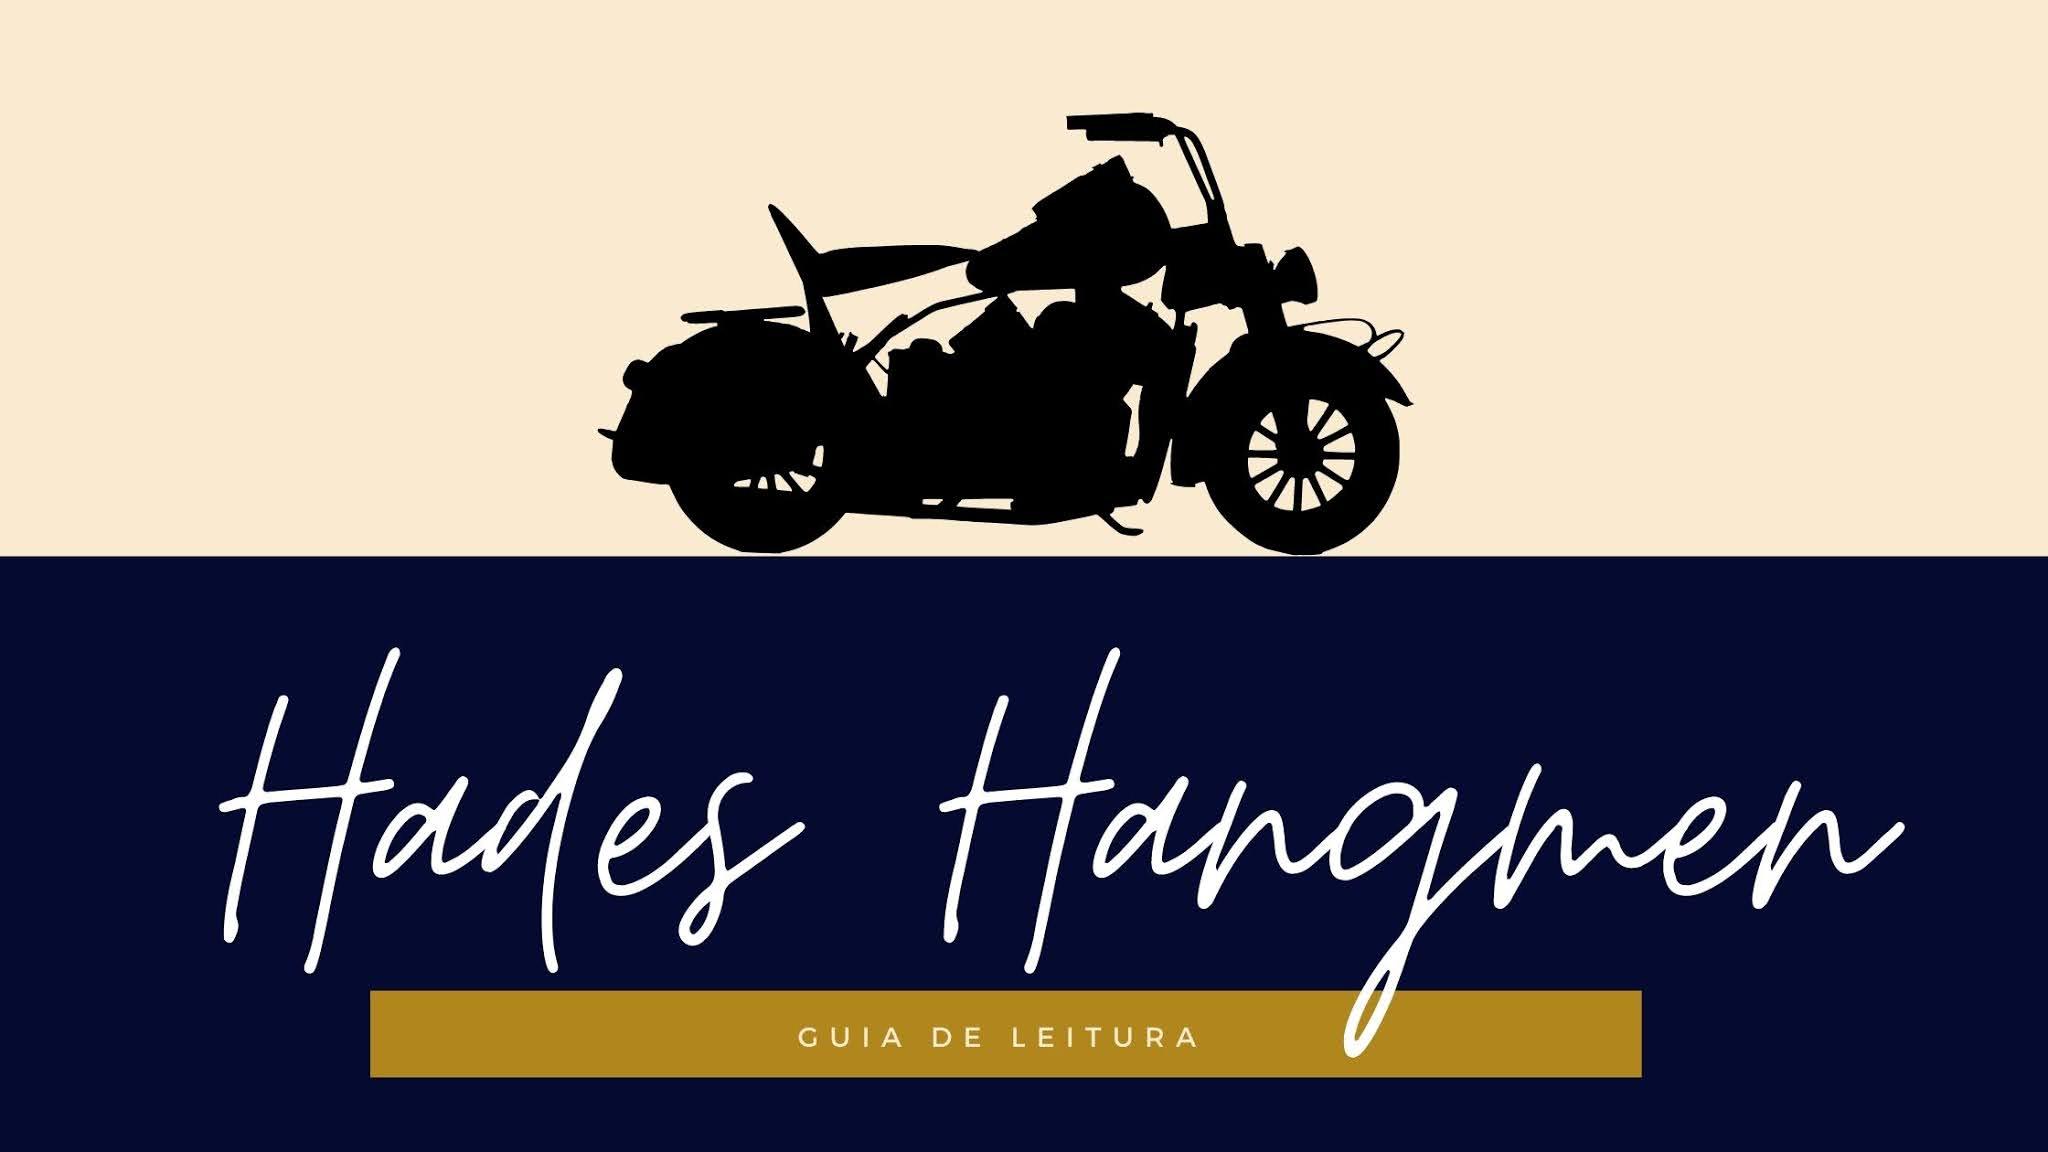 Guia de Leitura Hades Hangmen